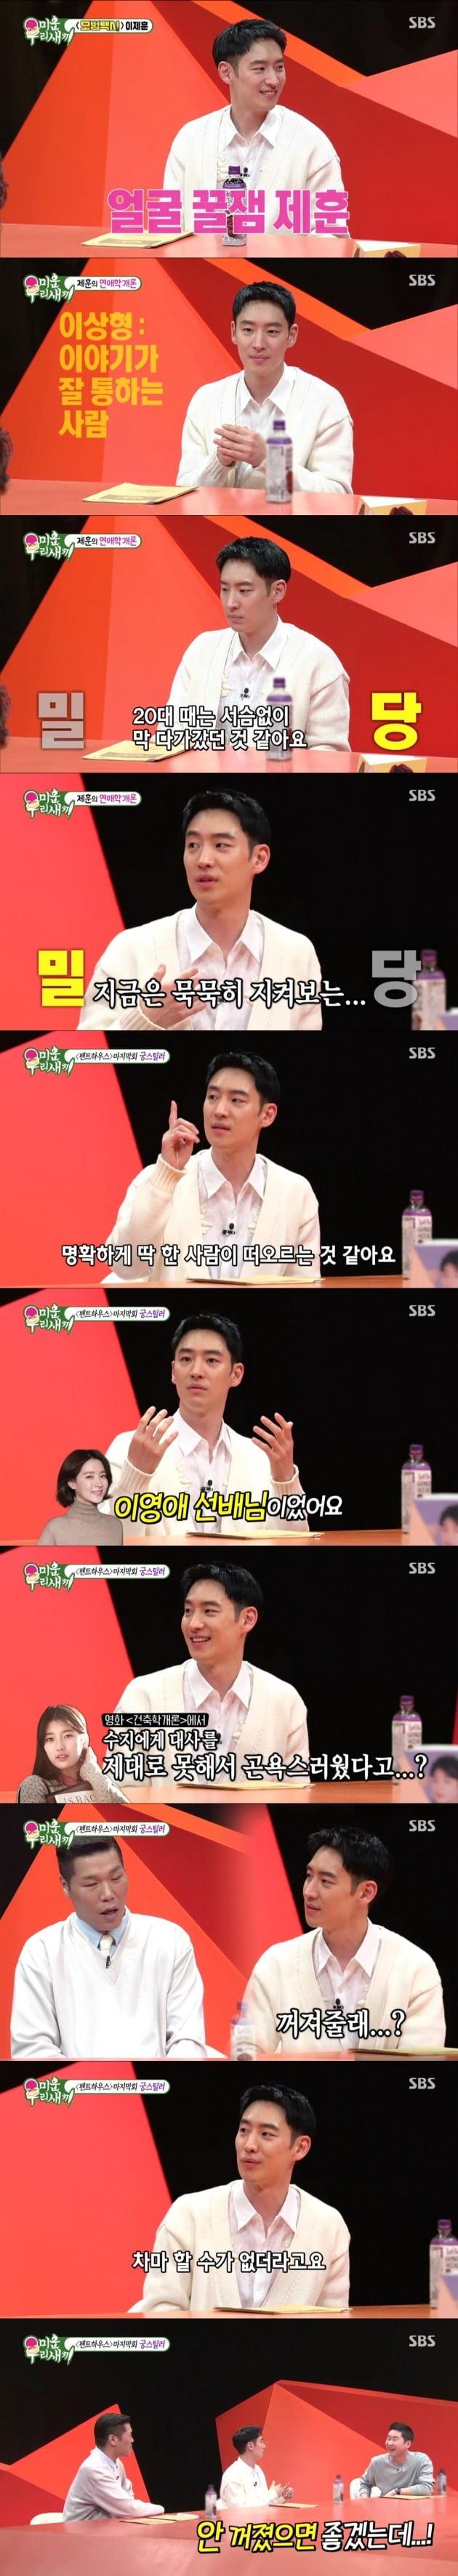 배우 이제훈이 '미운 우리 새끼' 스페셜 MC를 맡았다. / 사진=SBS 방송 캡처